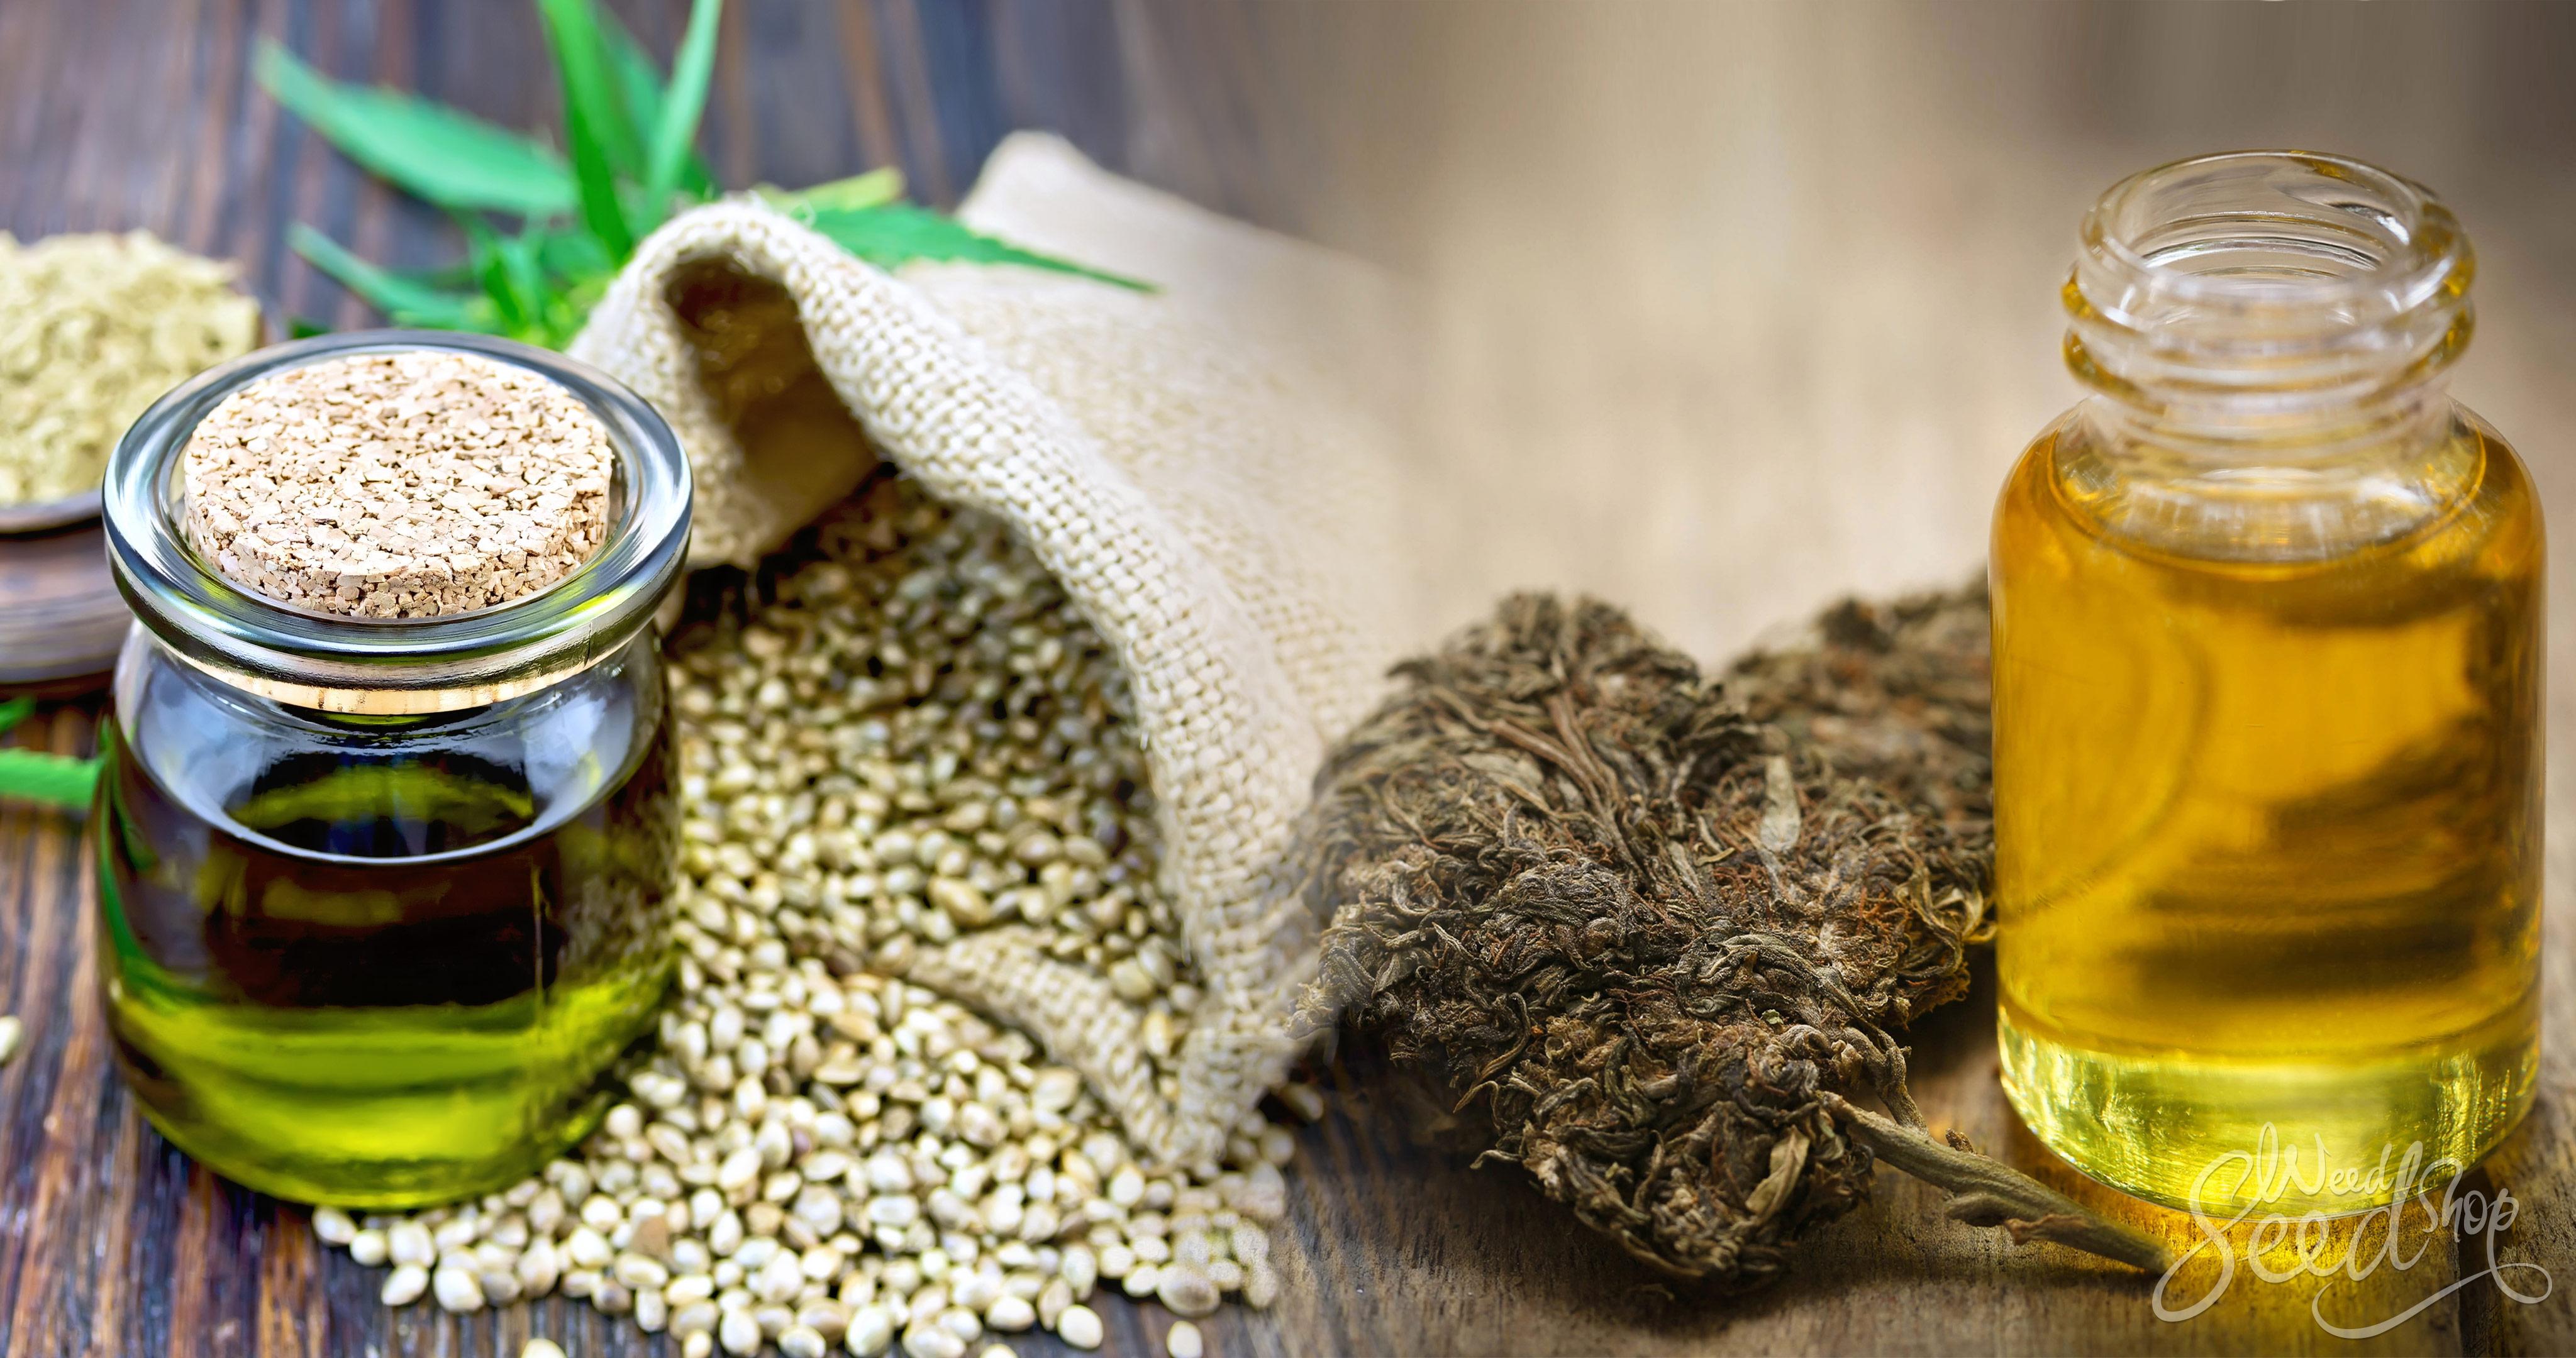 Wat is het verschil: Hennepolie vs. Wietolie - WeedSeedShop Blog